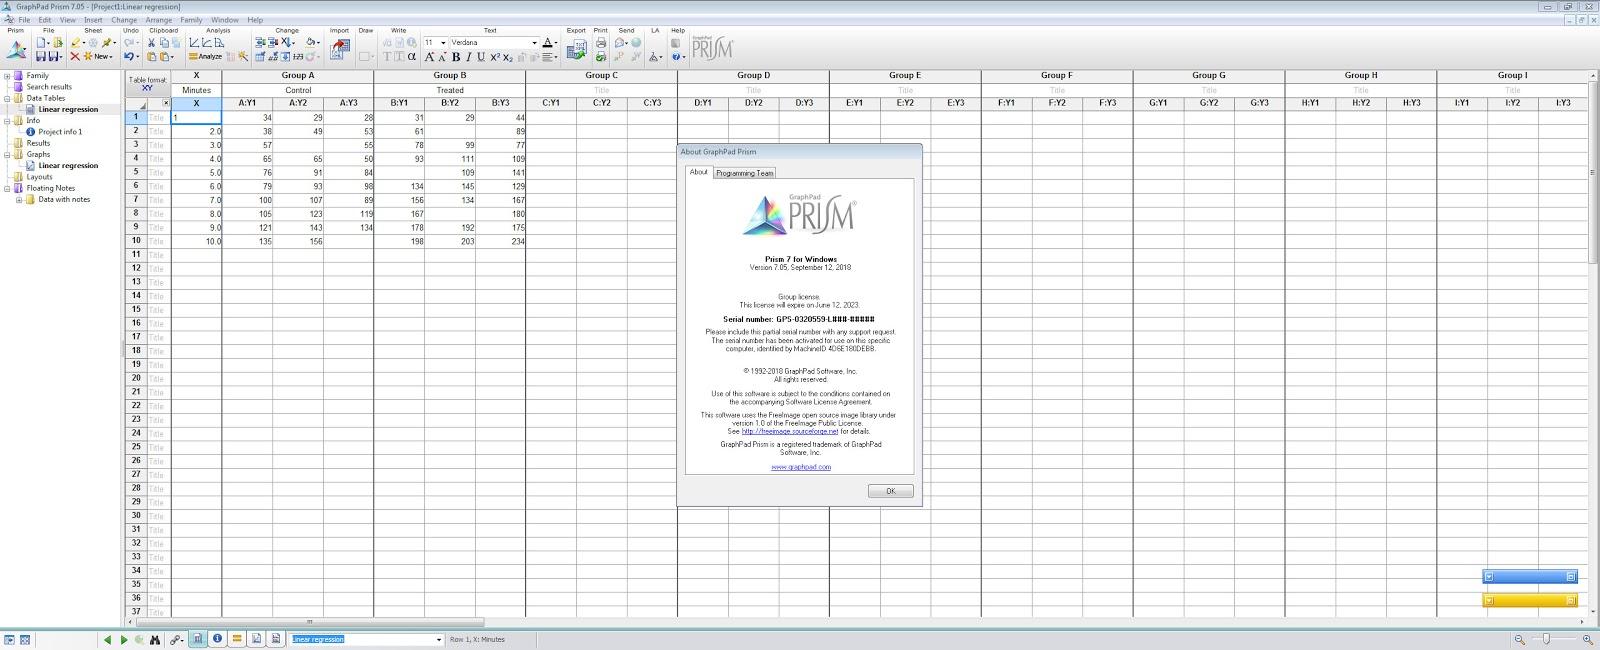 GraphPad Prism v8.0.2.263 Full version